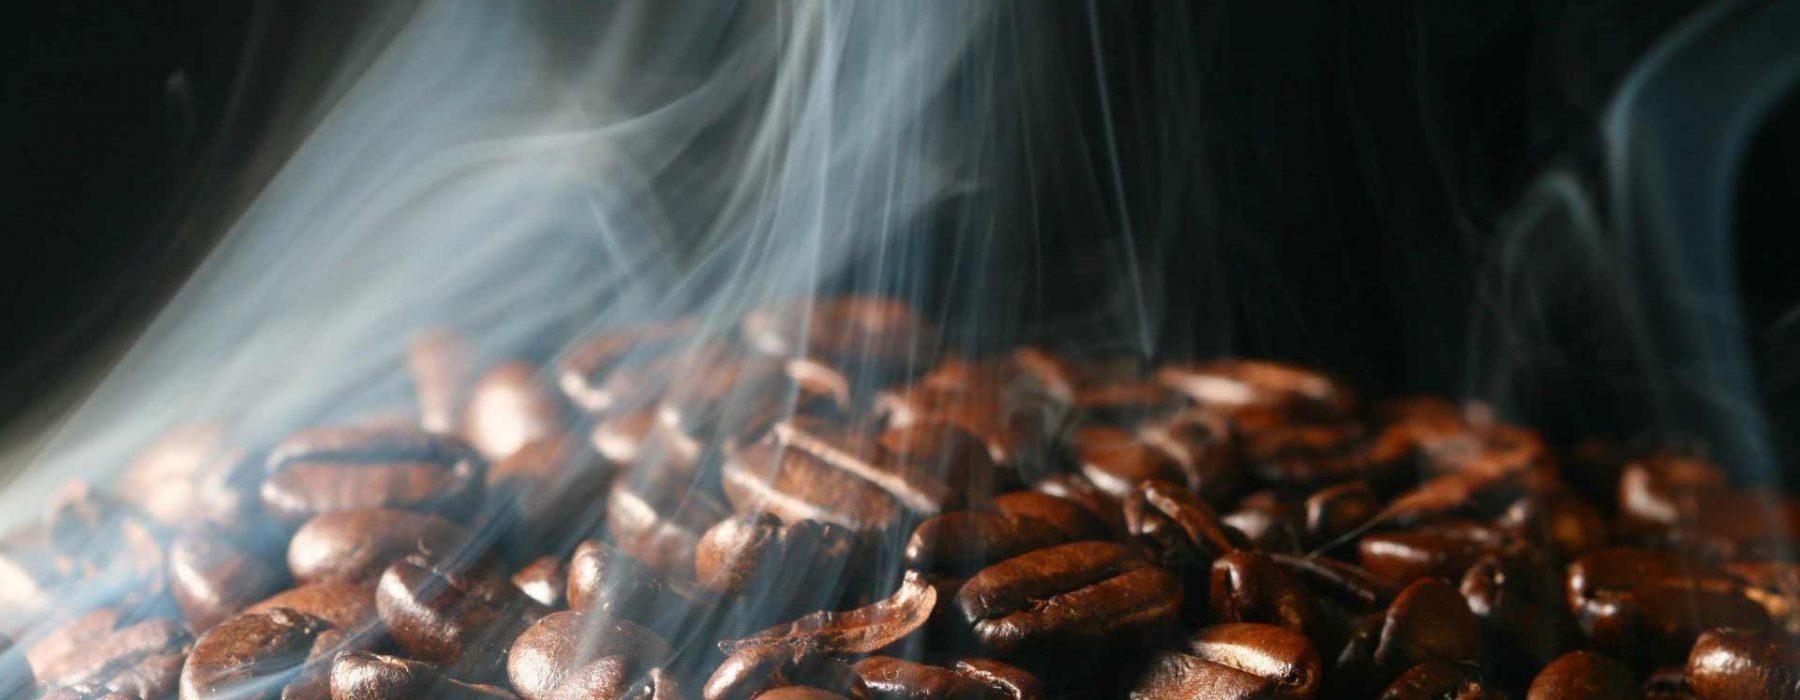 職人の焙煎から最も本物のイタリアンコーヒー